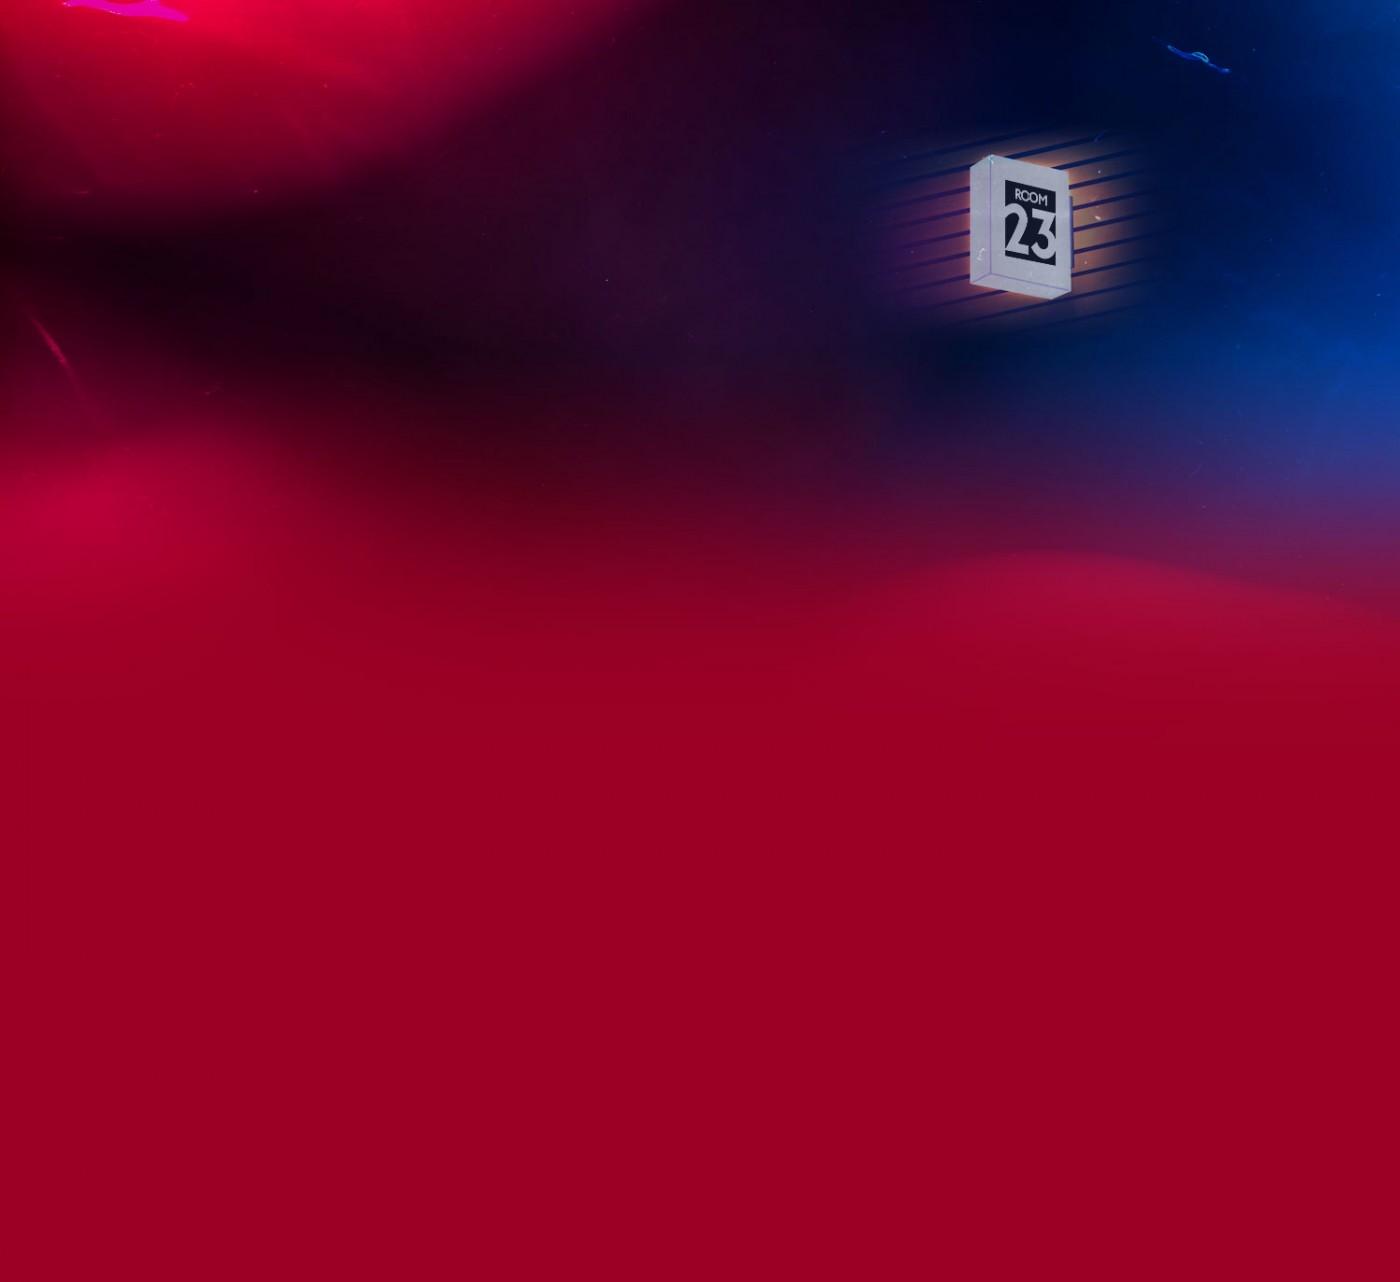 room23-bg-2_2